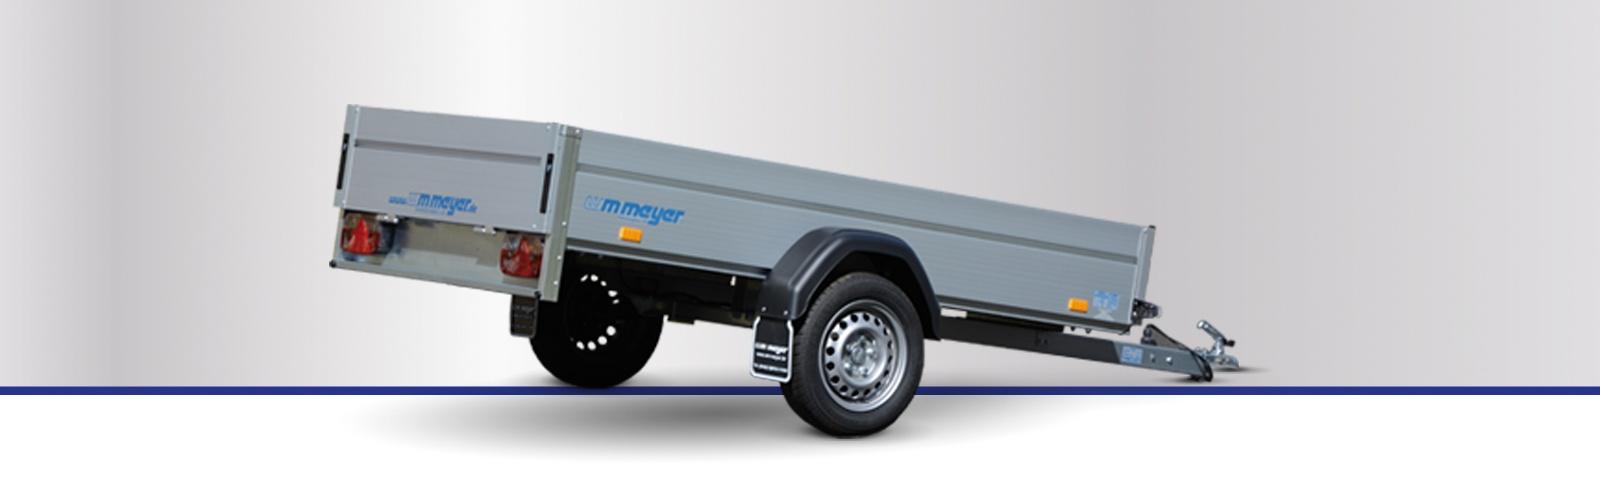 HZ - Ungebremst (750 kg)